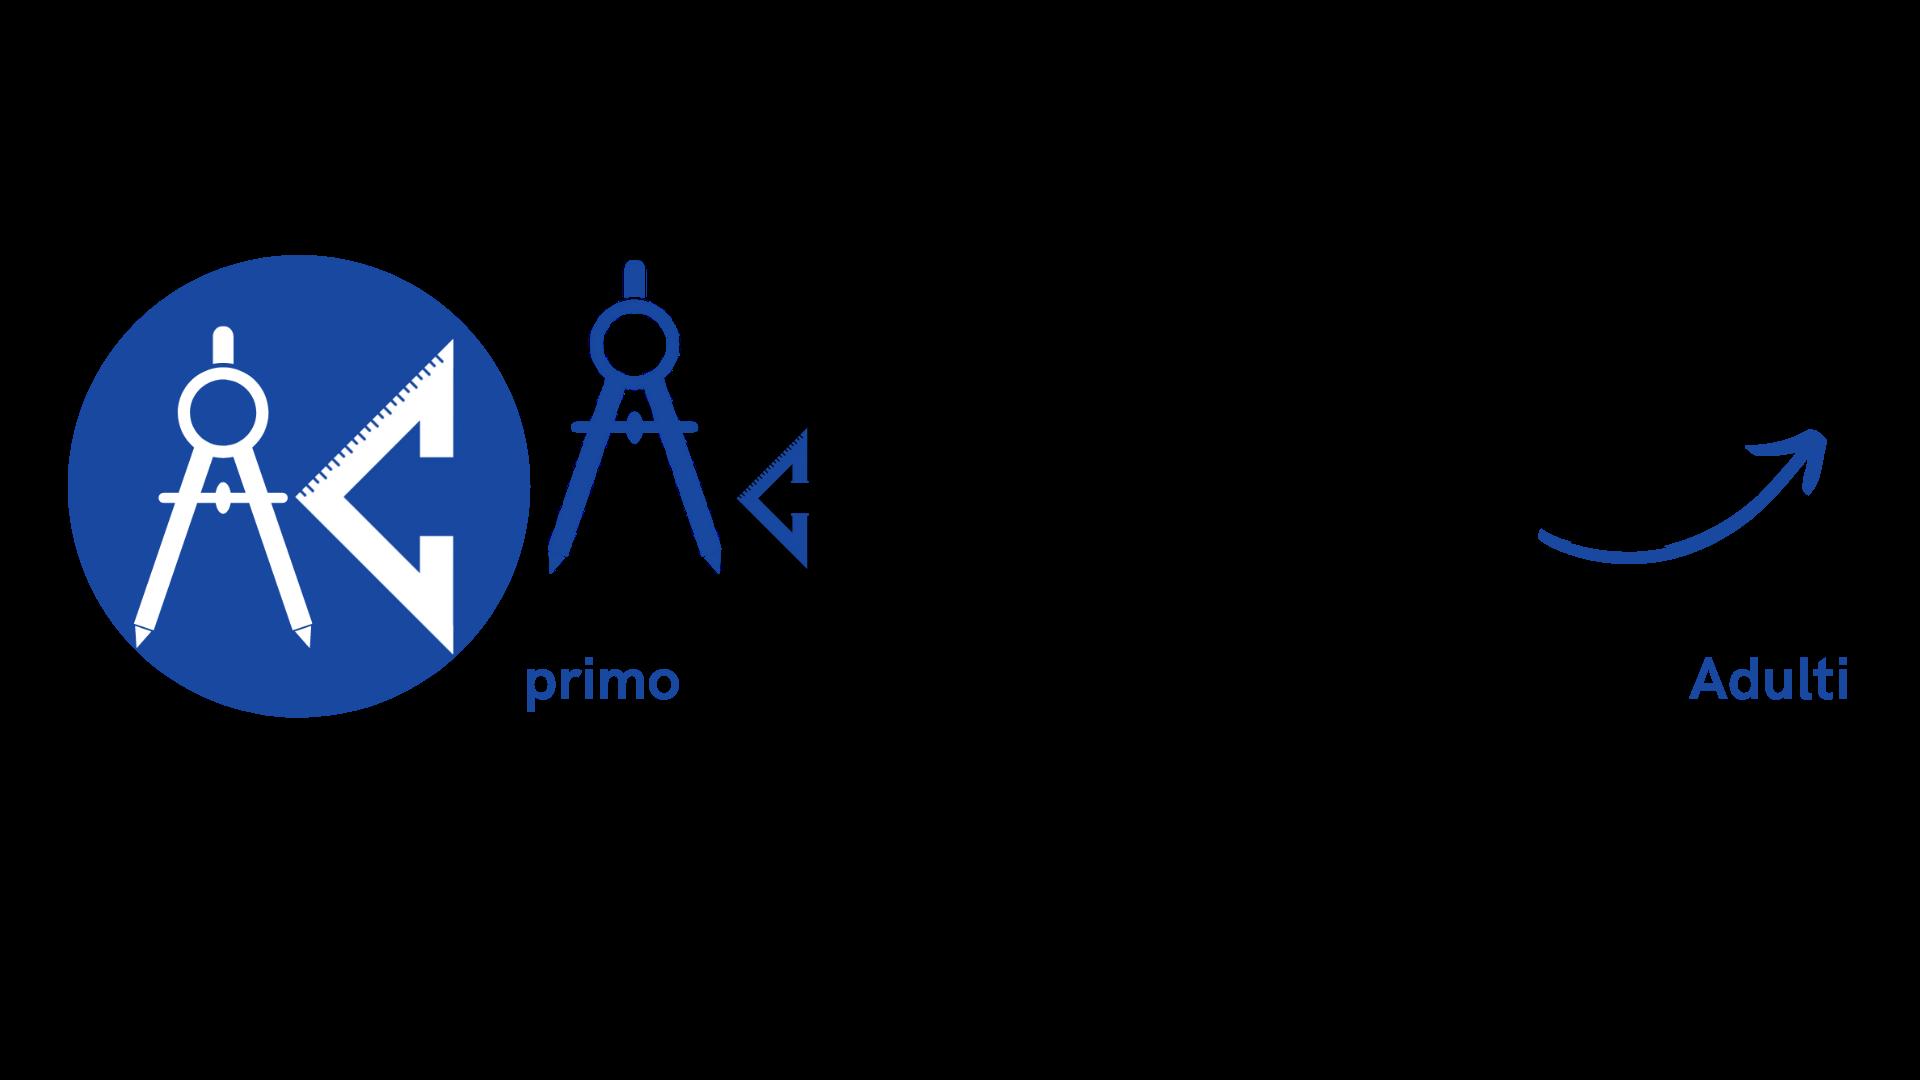 immagine-nuovo-logo-metodo-apprendimento-completo